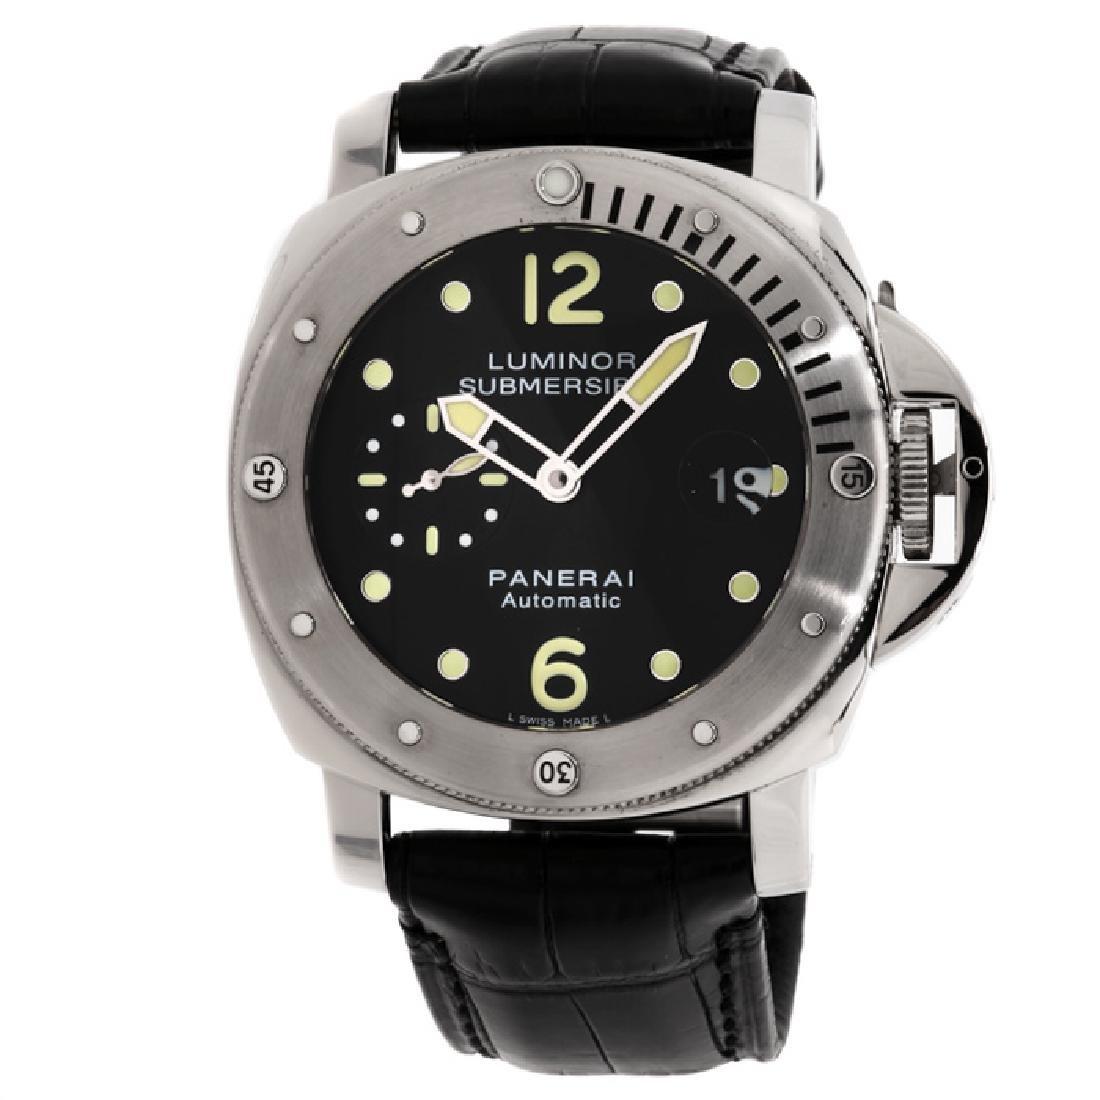 Panerai Luminor Submersible PAM 24